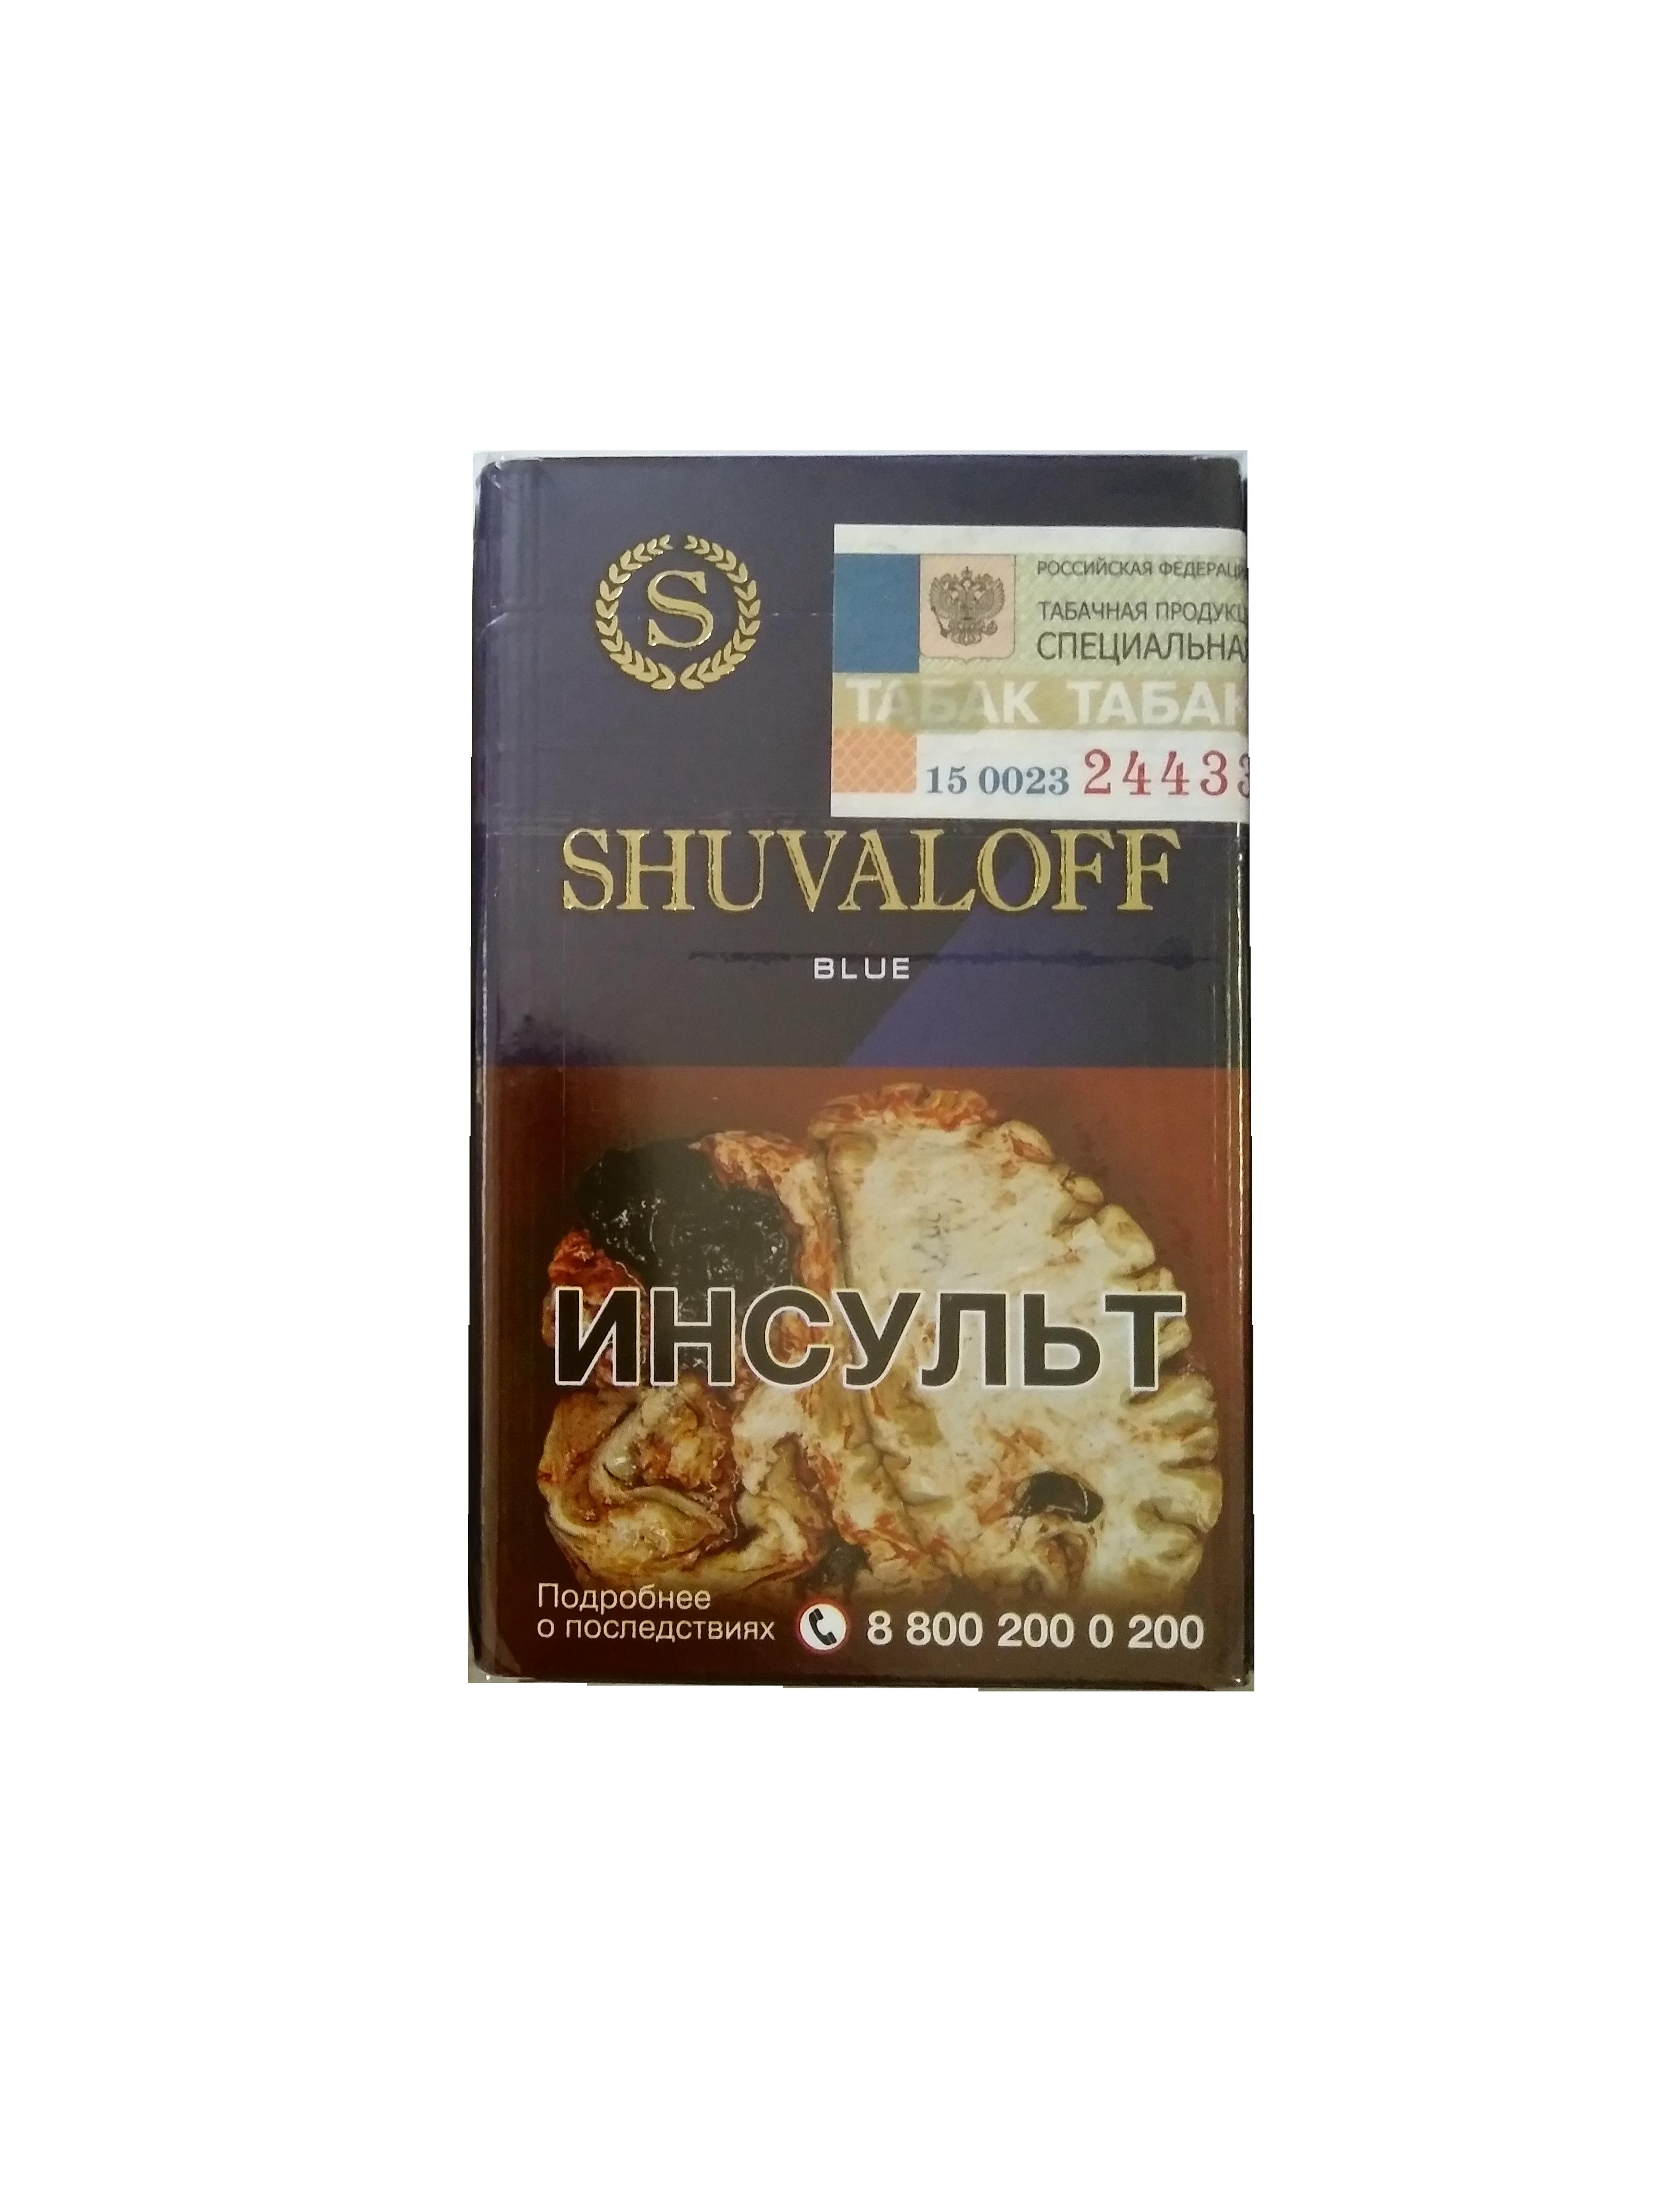 сигареты шувалов купить